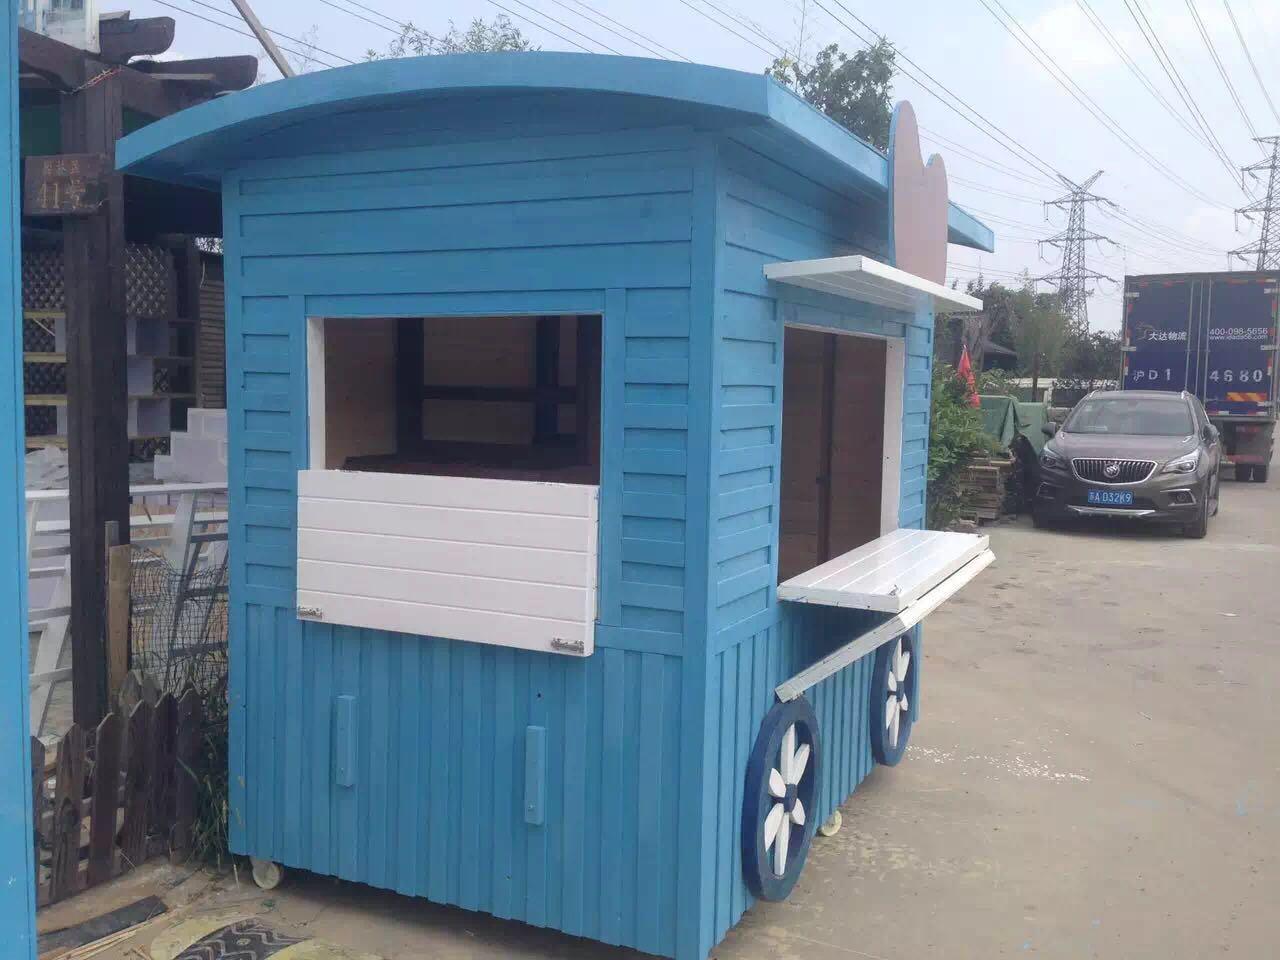 浙江哪里有供应品质好的防腐木售货亭 重庆防腐木售货亭供应